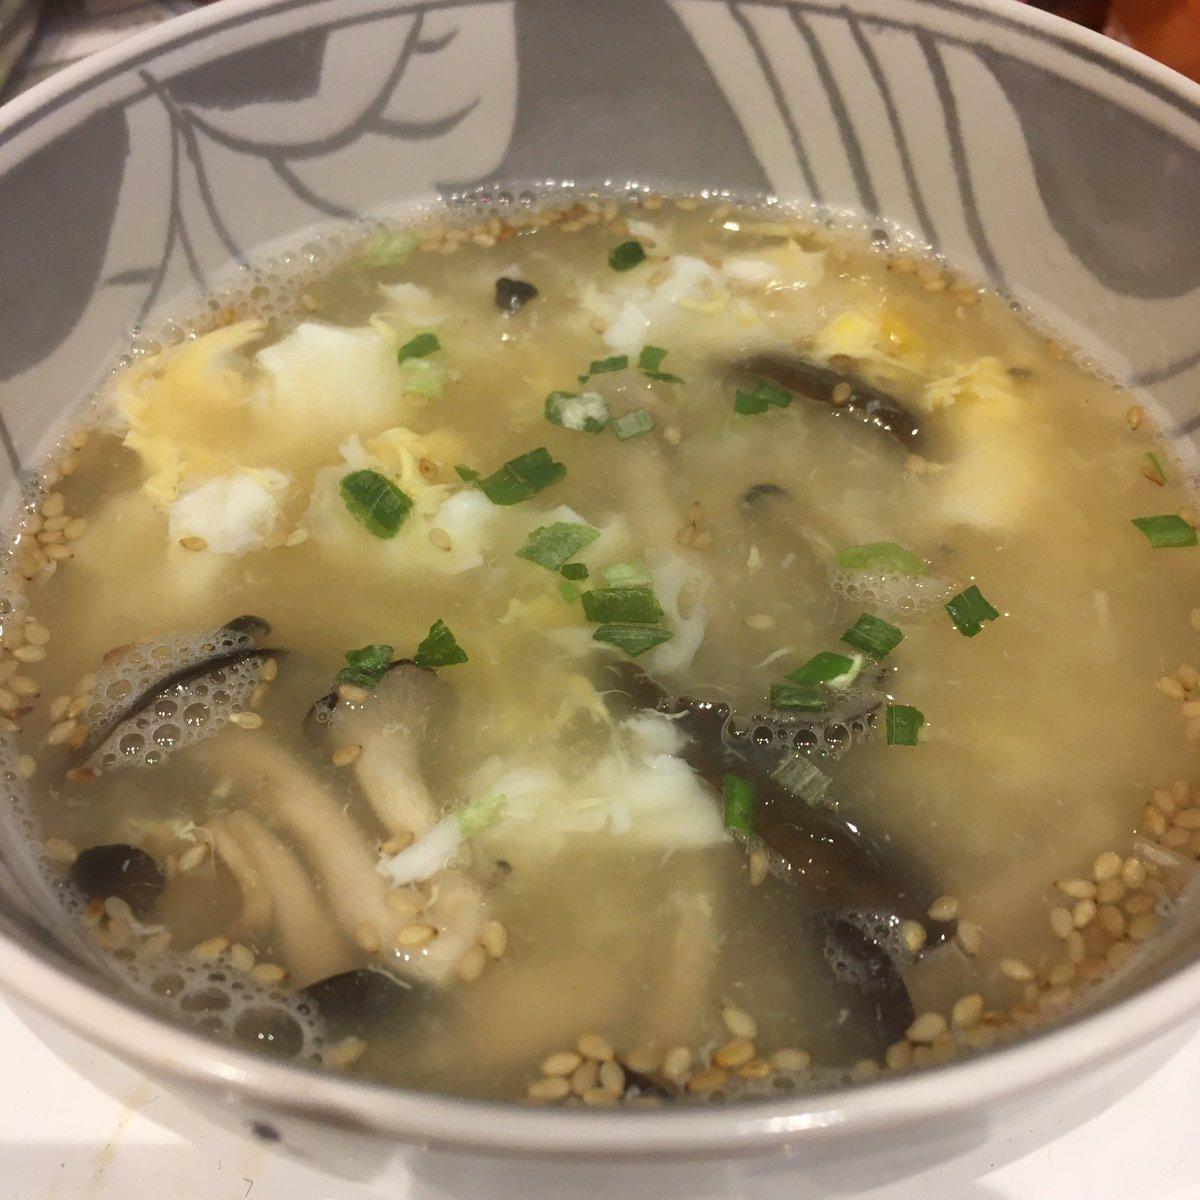 test ツイッターメディア - こんにちは😊  東京は台風か過ぎて青空です‼️  台風に備えて炊いておいたごはん🍚で ひらたけとたまごの雑炊に🍴 ホッとする味❤️  後半ちょっと物足りなくなって塩昆布とお醤油をin✨笑  #おうちごはん https://t.co/WCbqmUY6C1